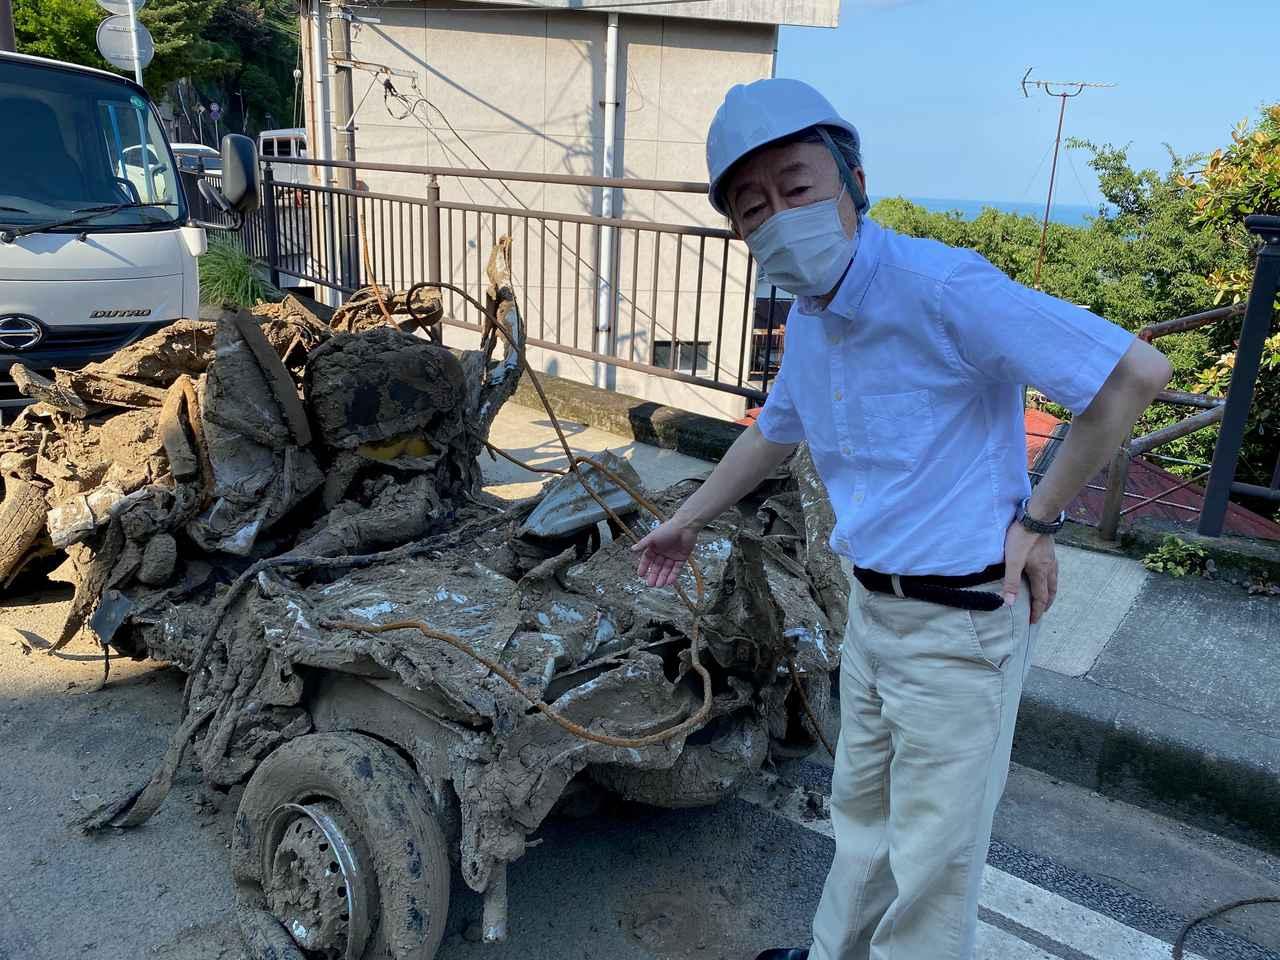 画像: 泥にまみれて壊れた自動車の状態を伝える池上彰氏